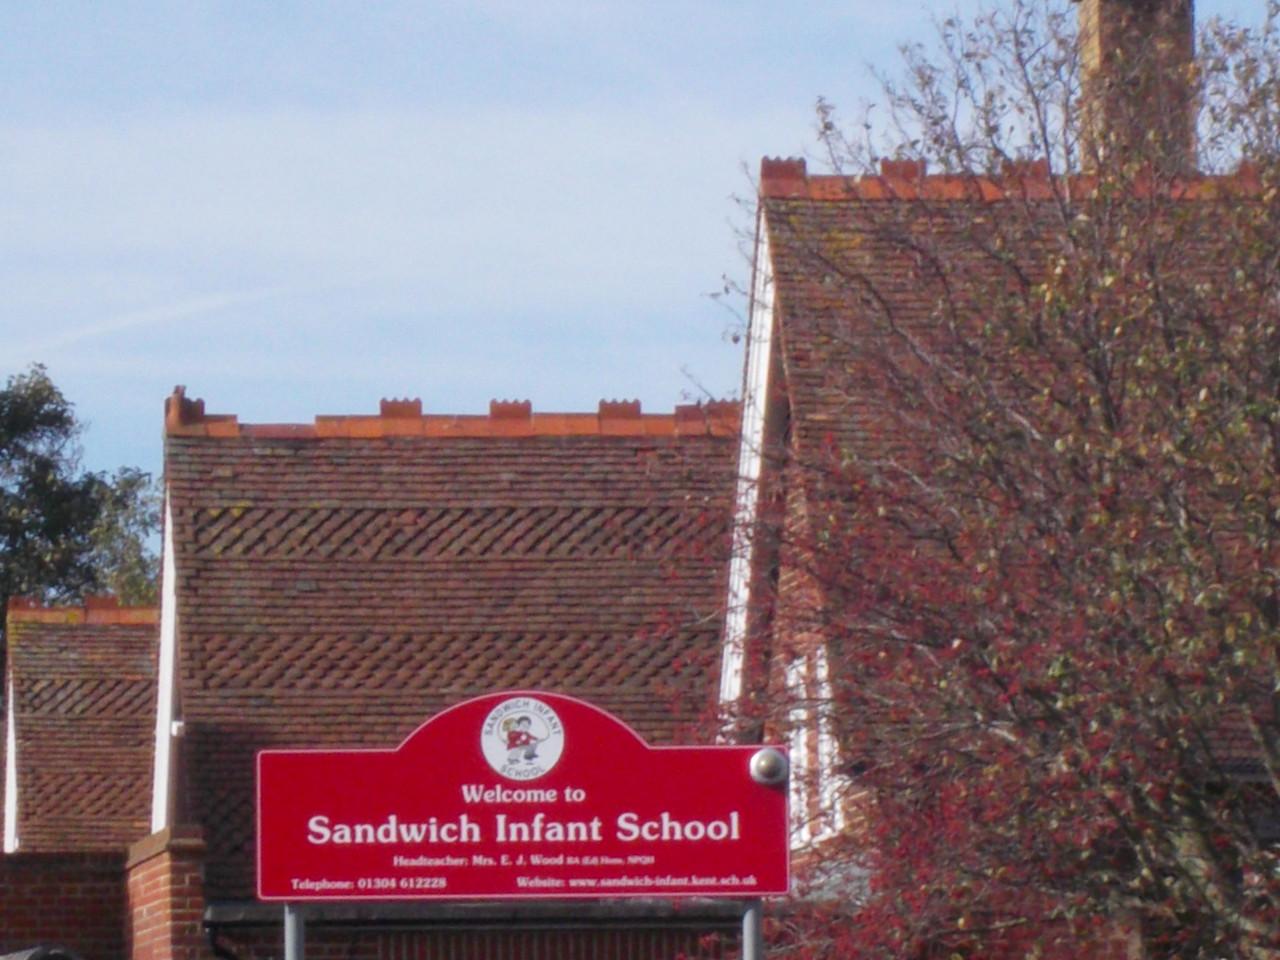 sandwich infant school